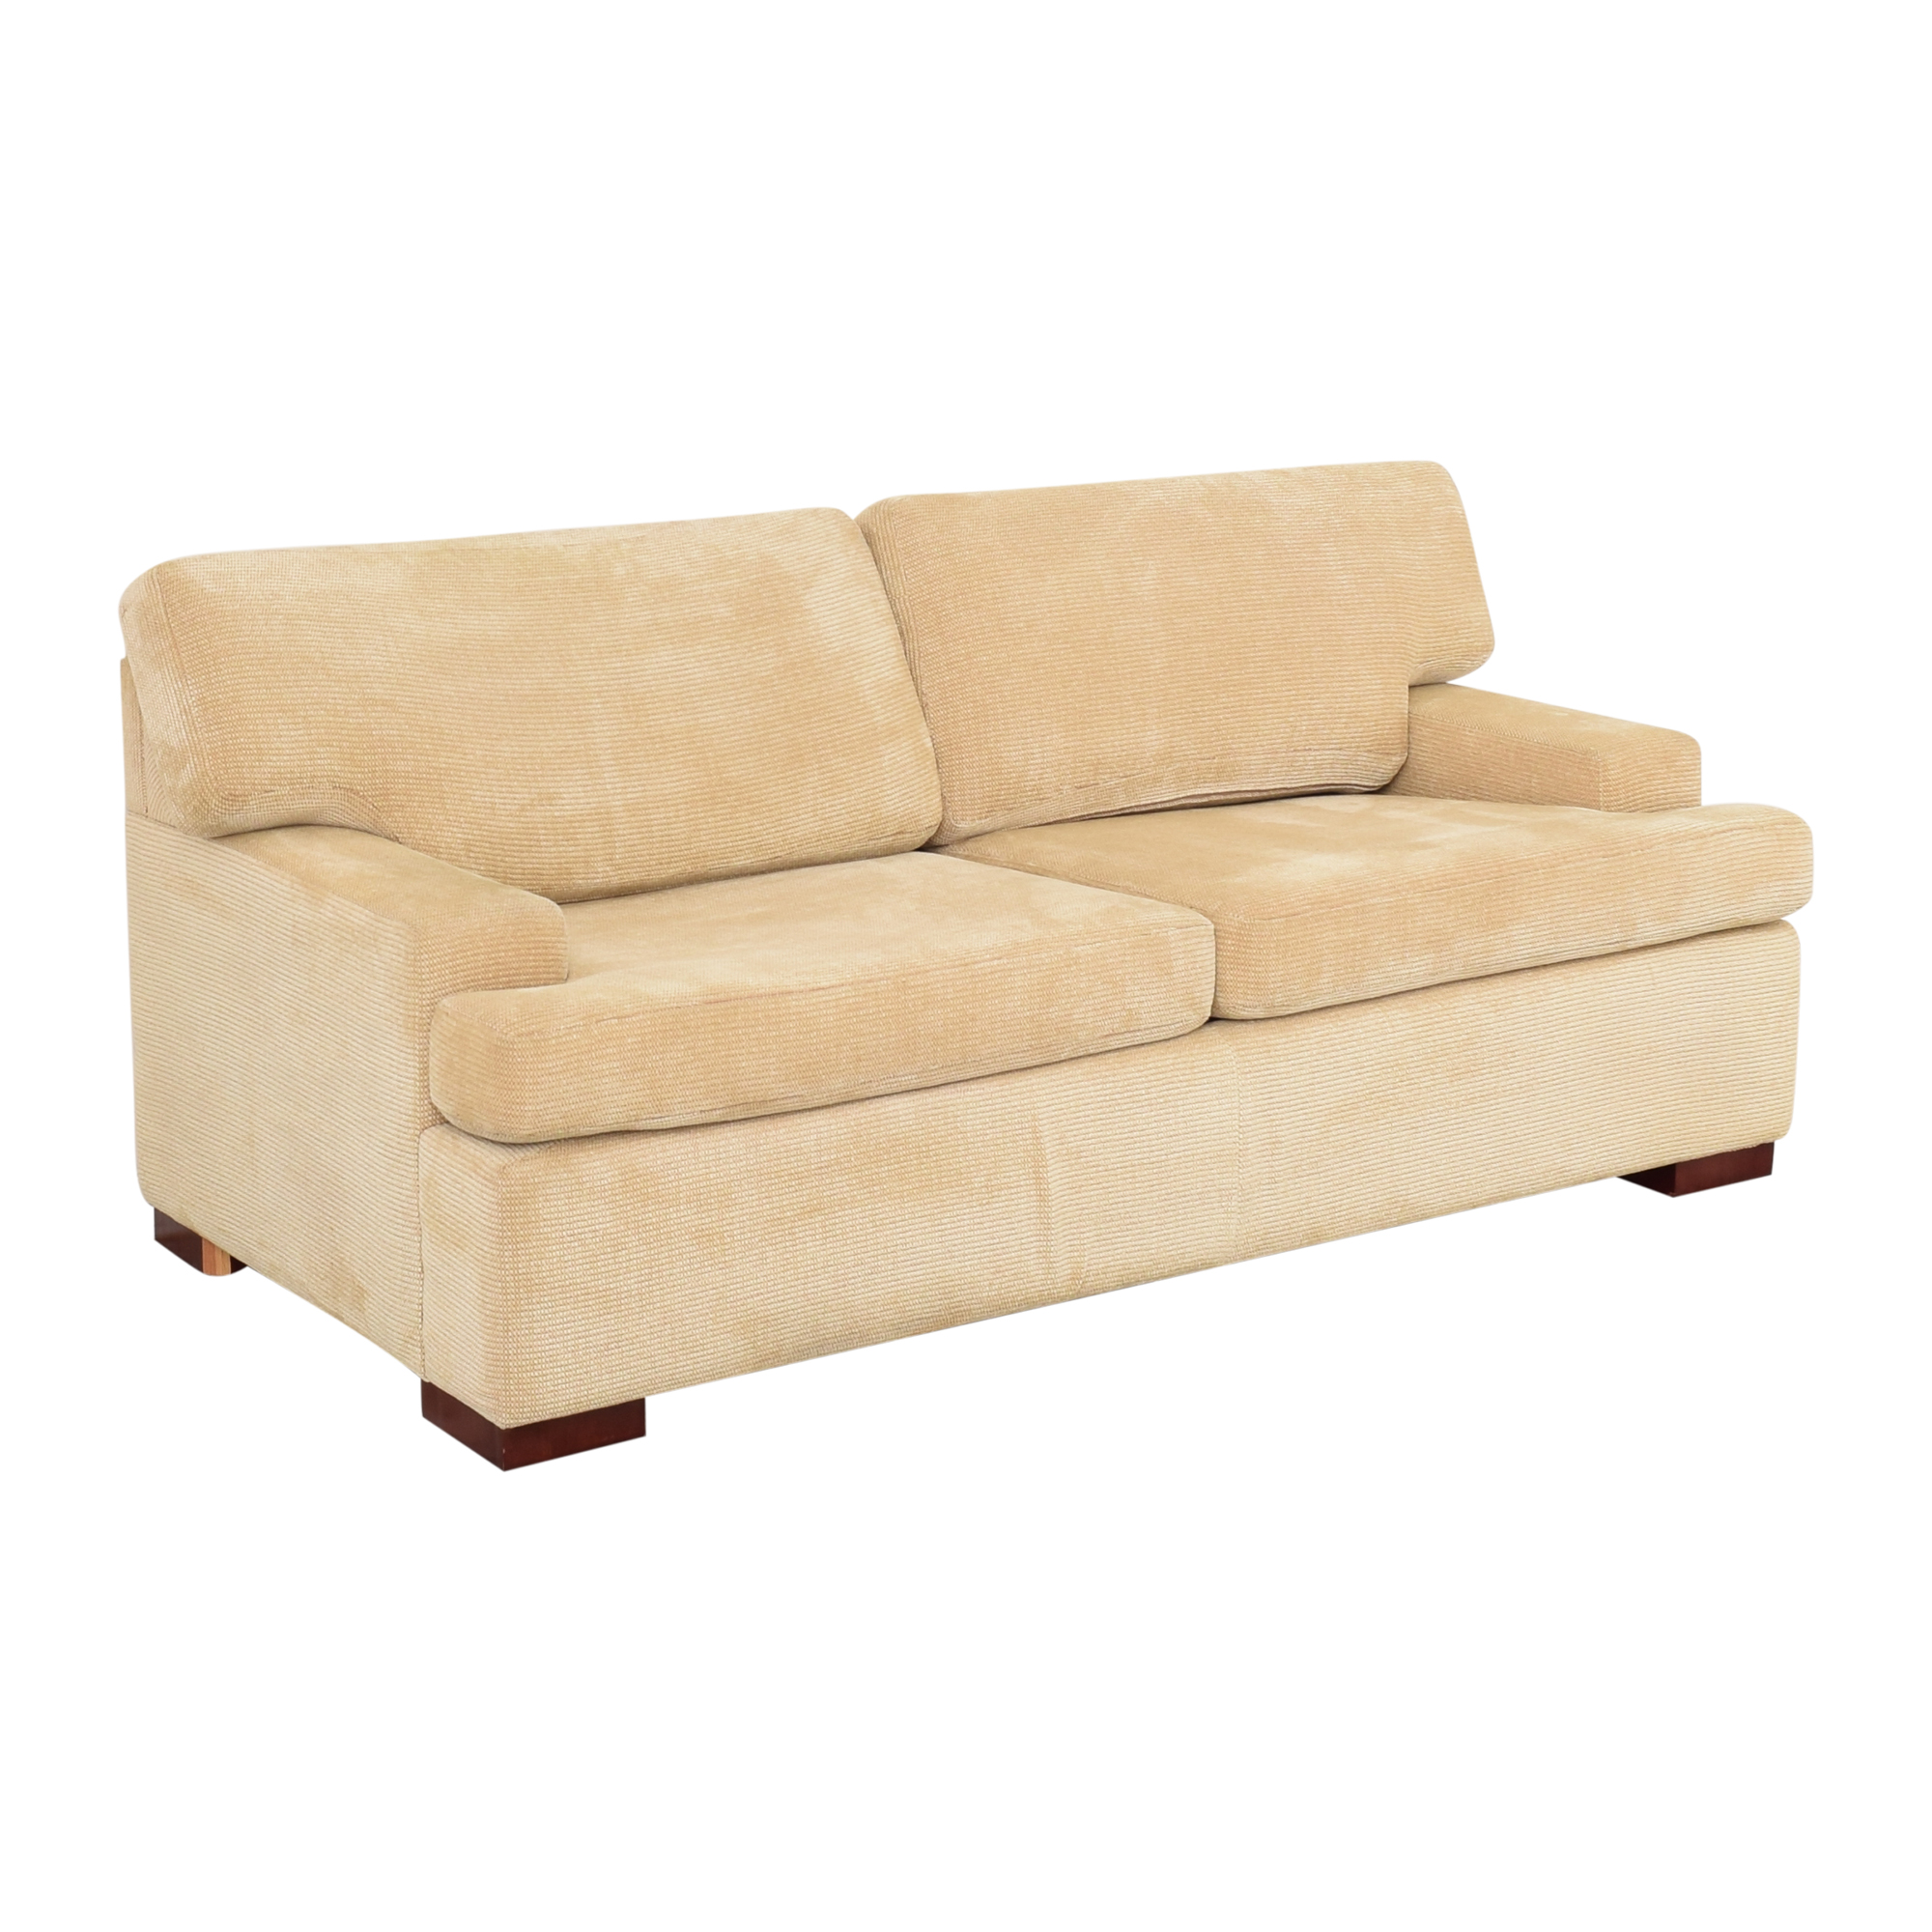 Avery Boardman Avery Boardman Sleeper Sofa pa